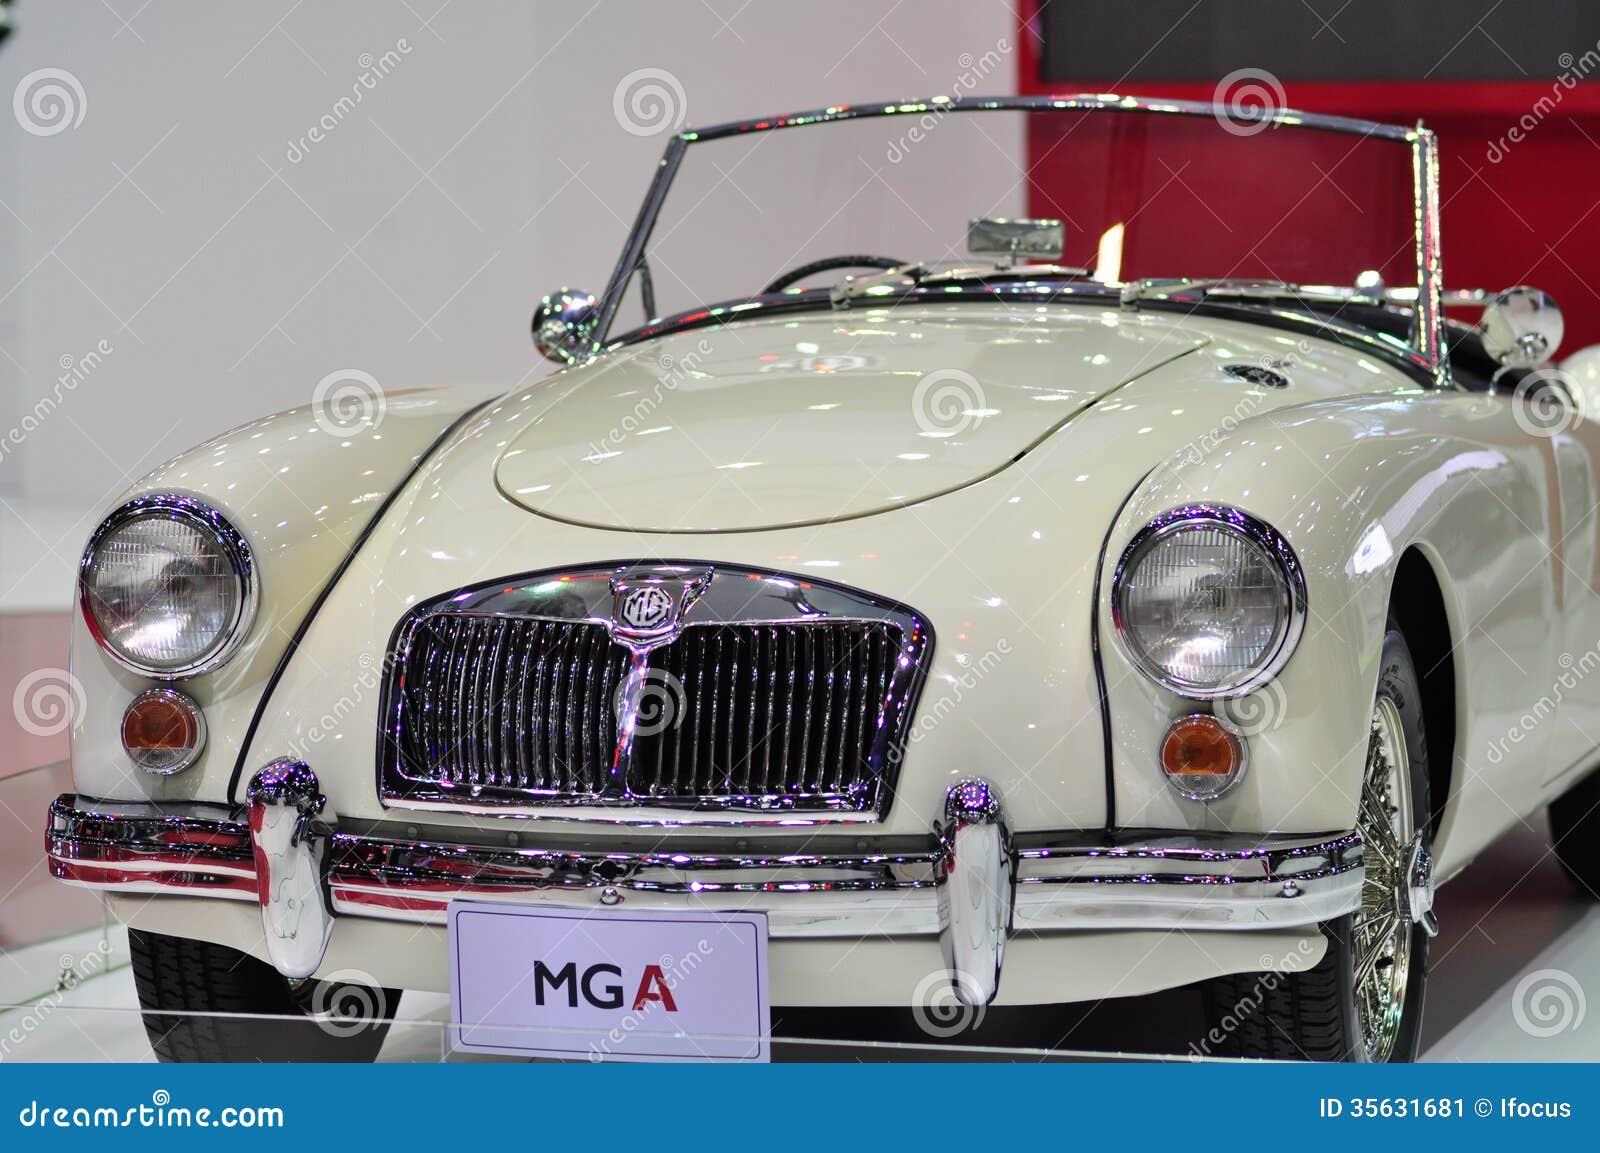 saic motor cp displays a mga editorial photo image 35631681